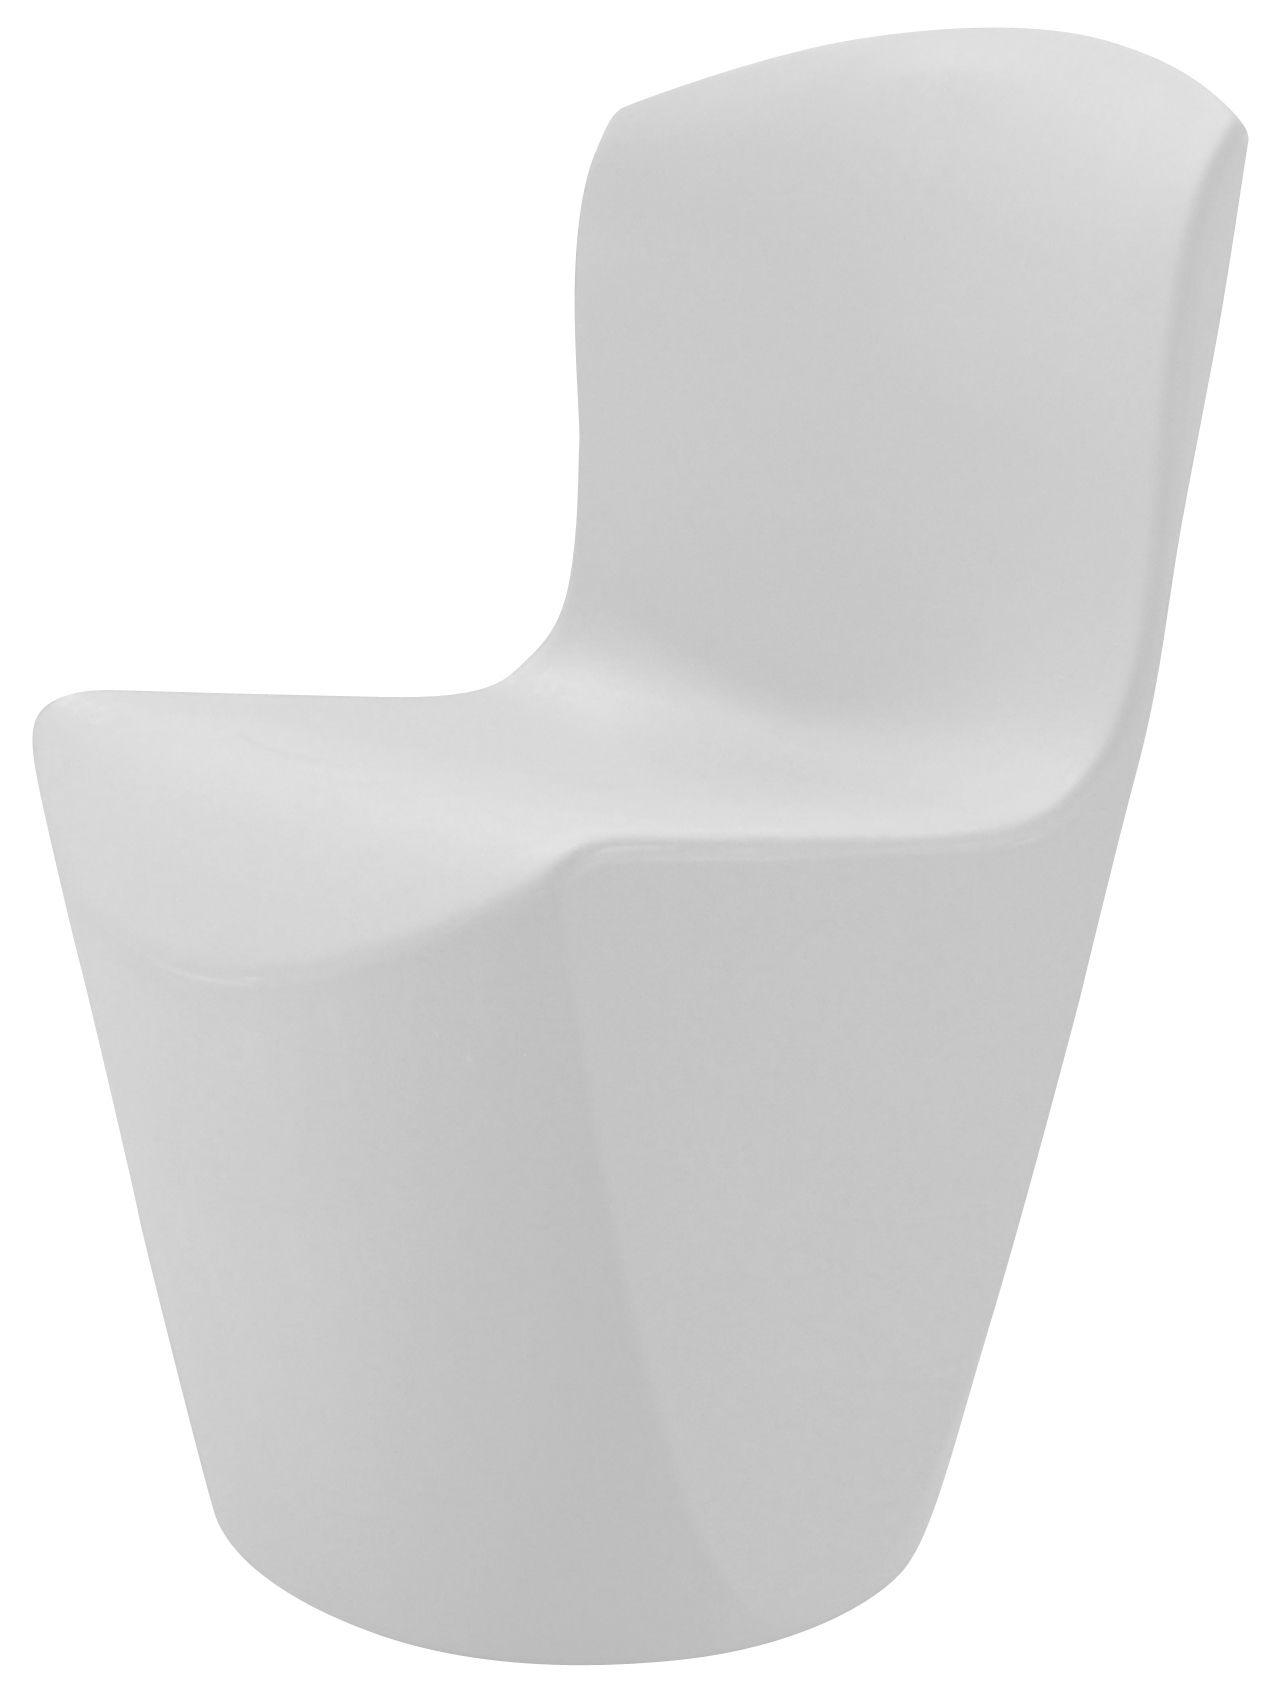 Möbel - Stühle  - Zoe Stuhl - Slide - Weiß - polyéthène recyclable